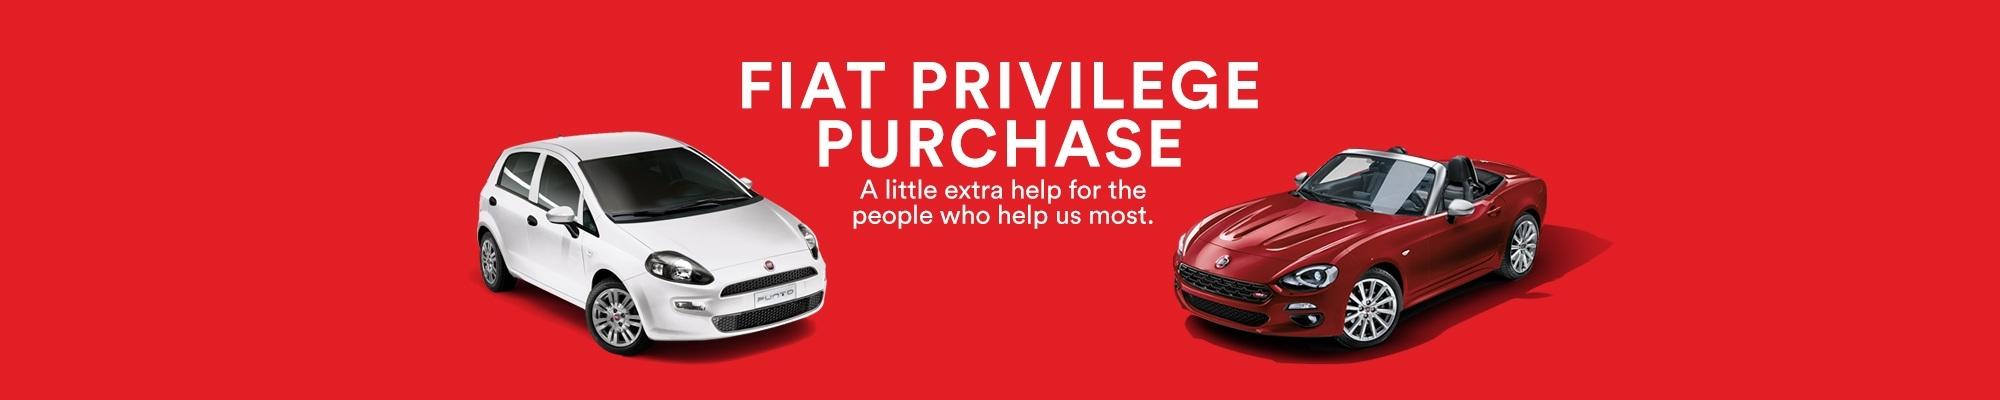 Fiat Privilege Purchase Scheme